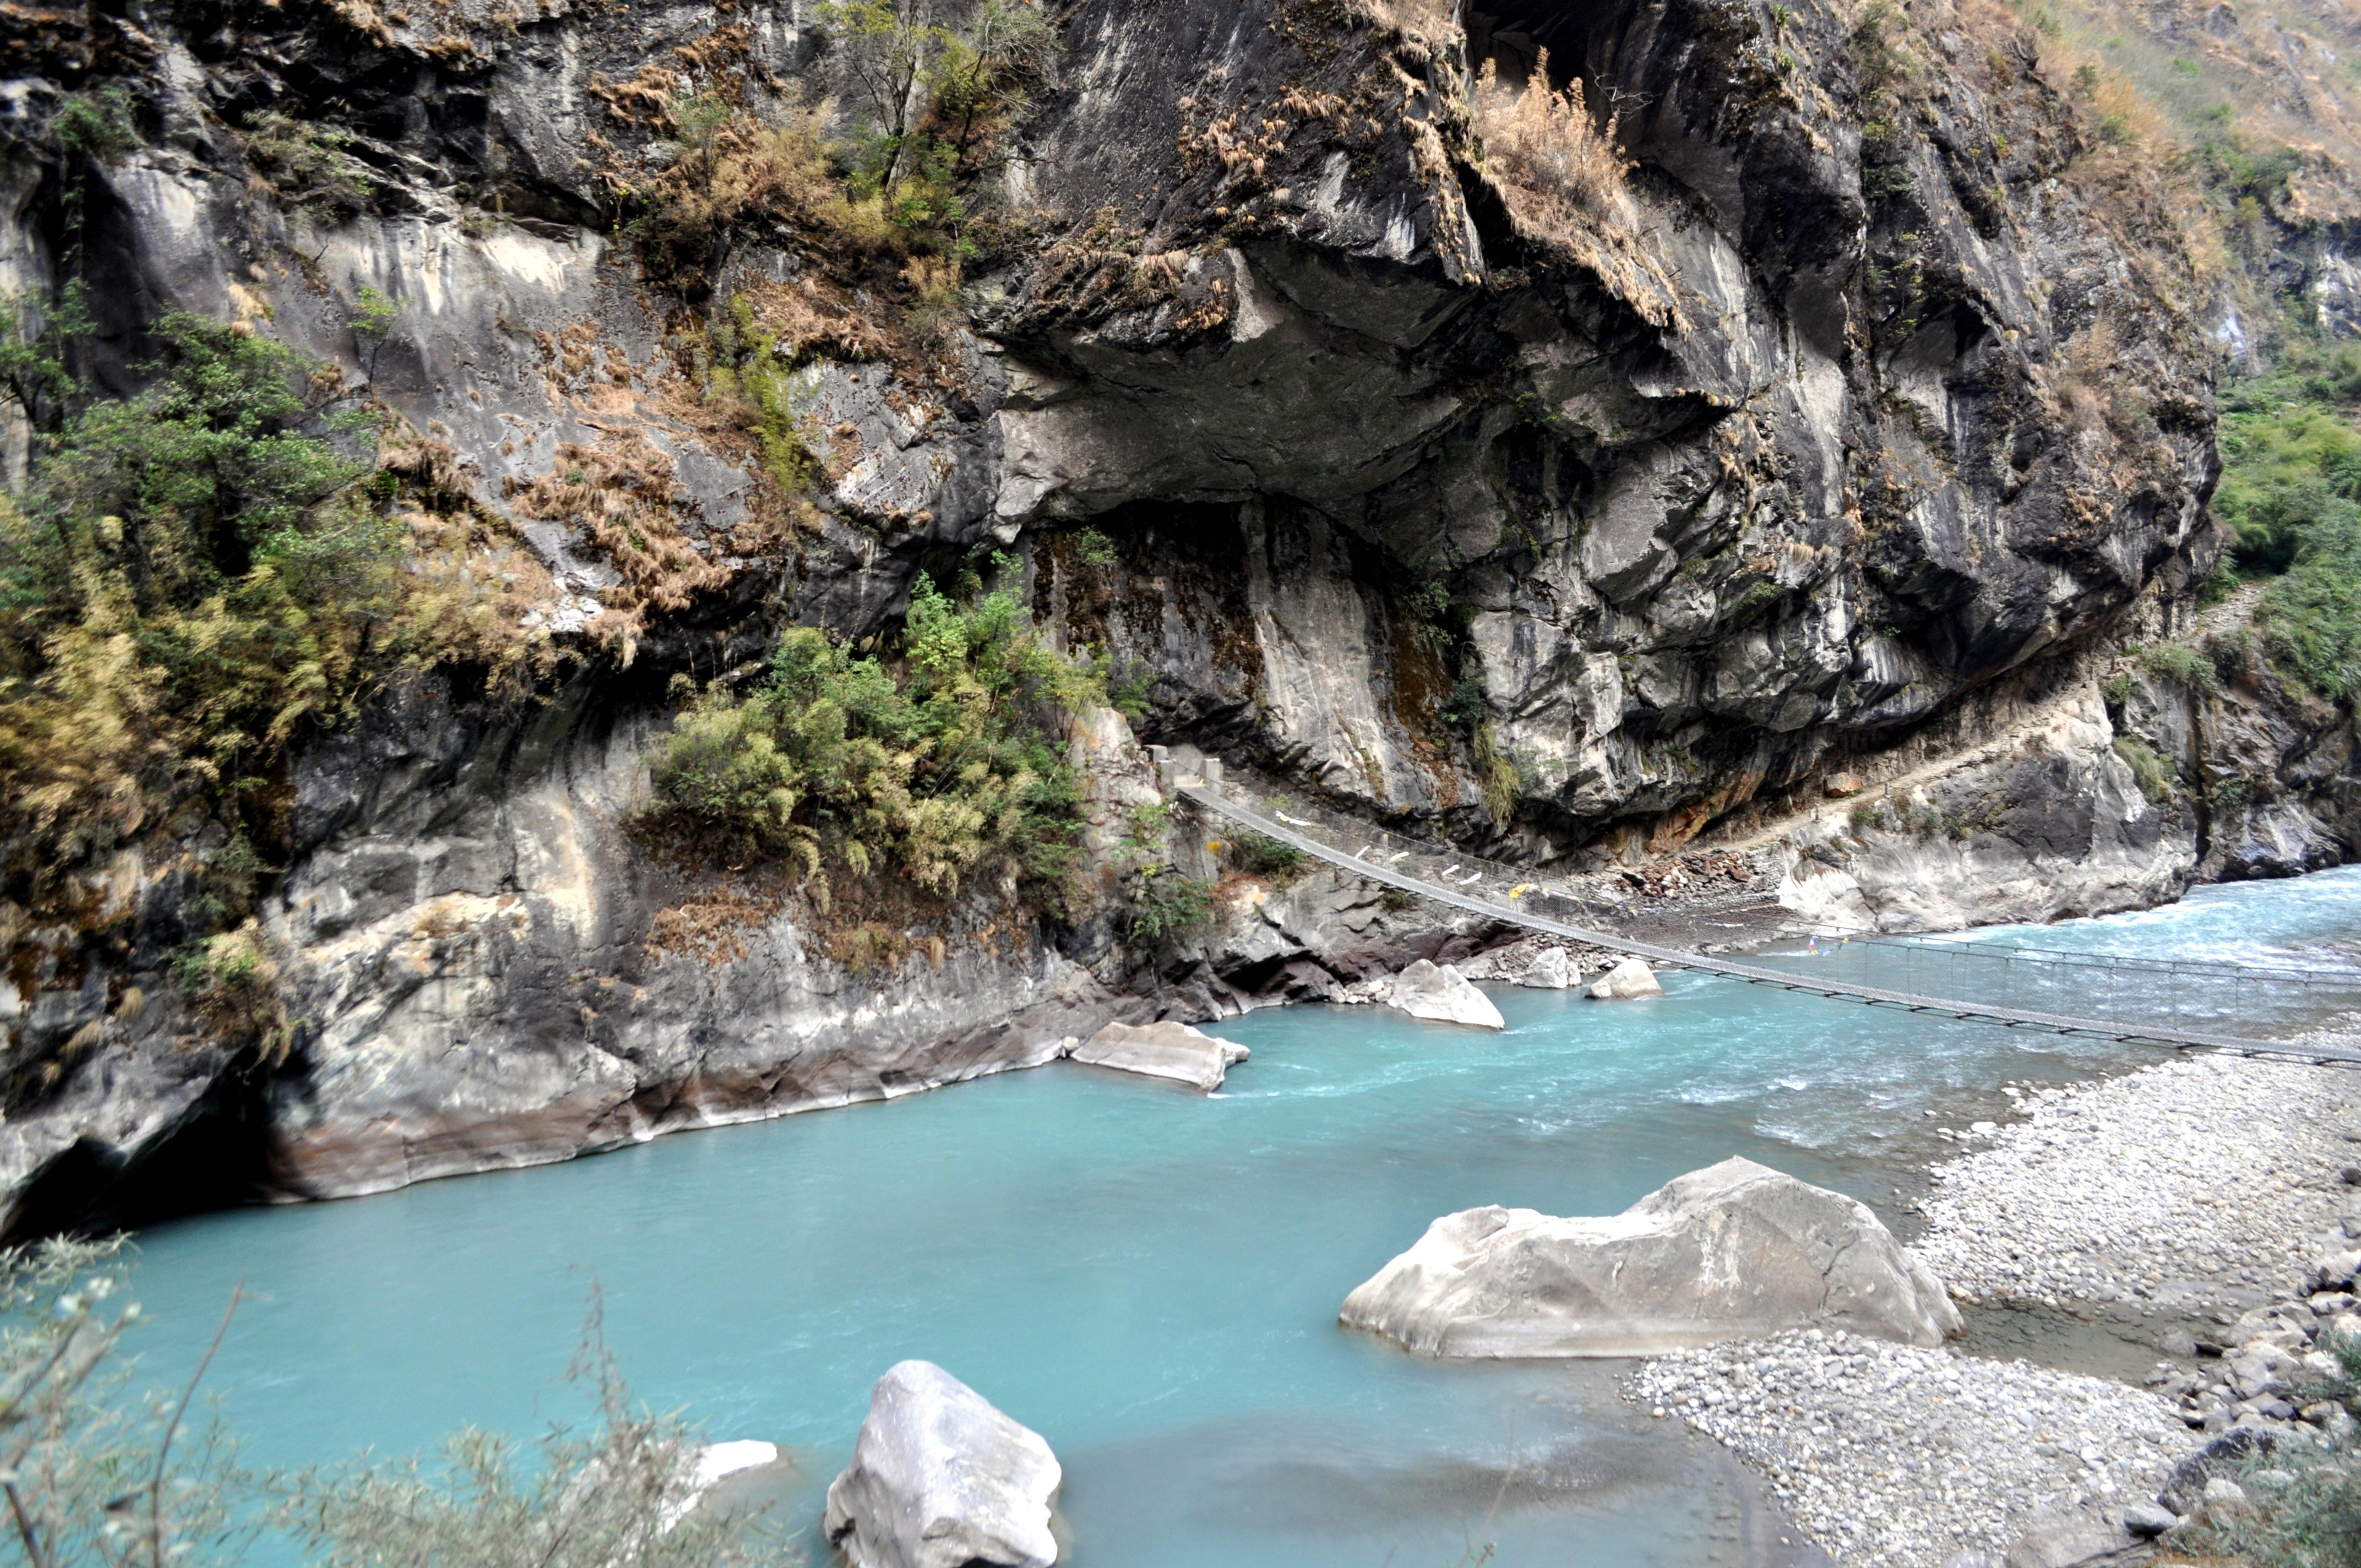 verso la fine della valle attraversiamo di nuovo il fiume che in questo punto è davvero splendido